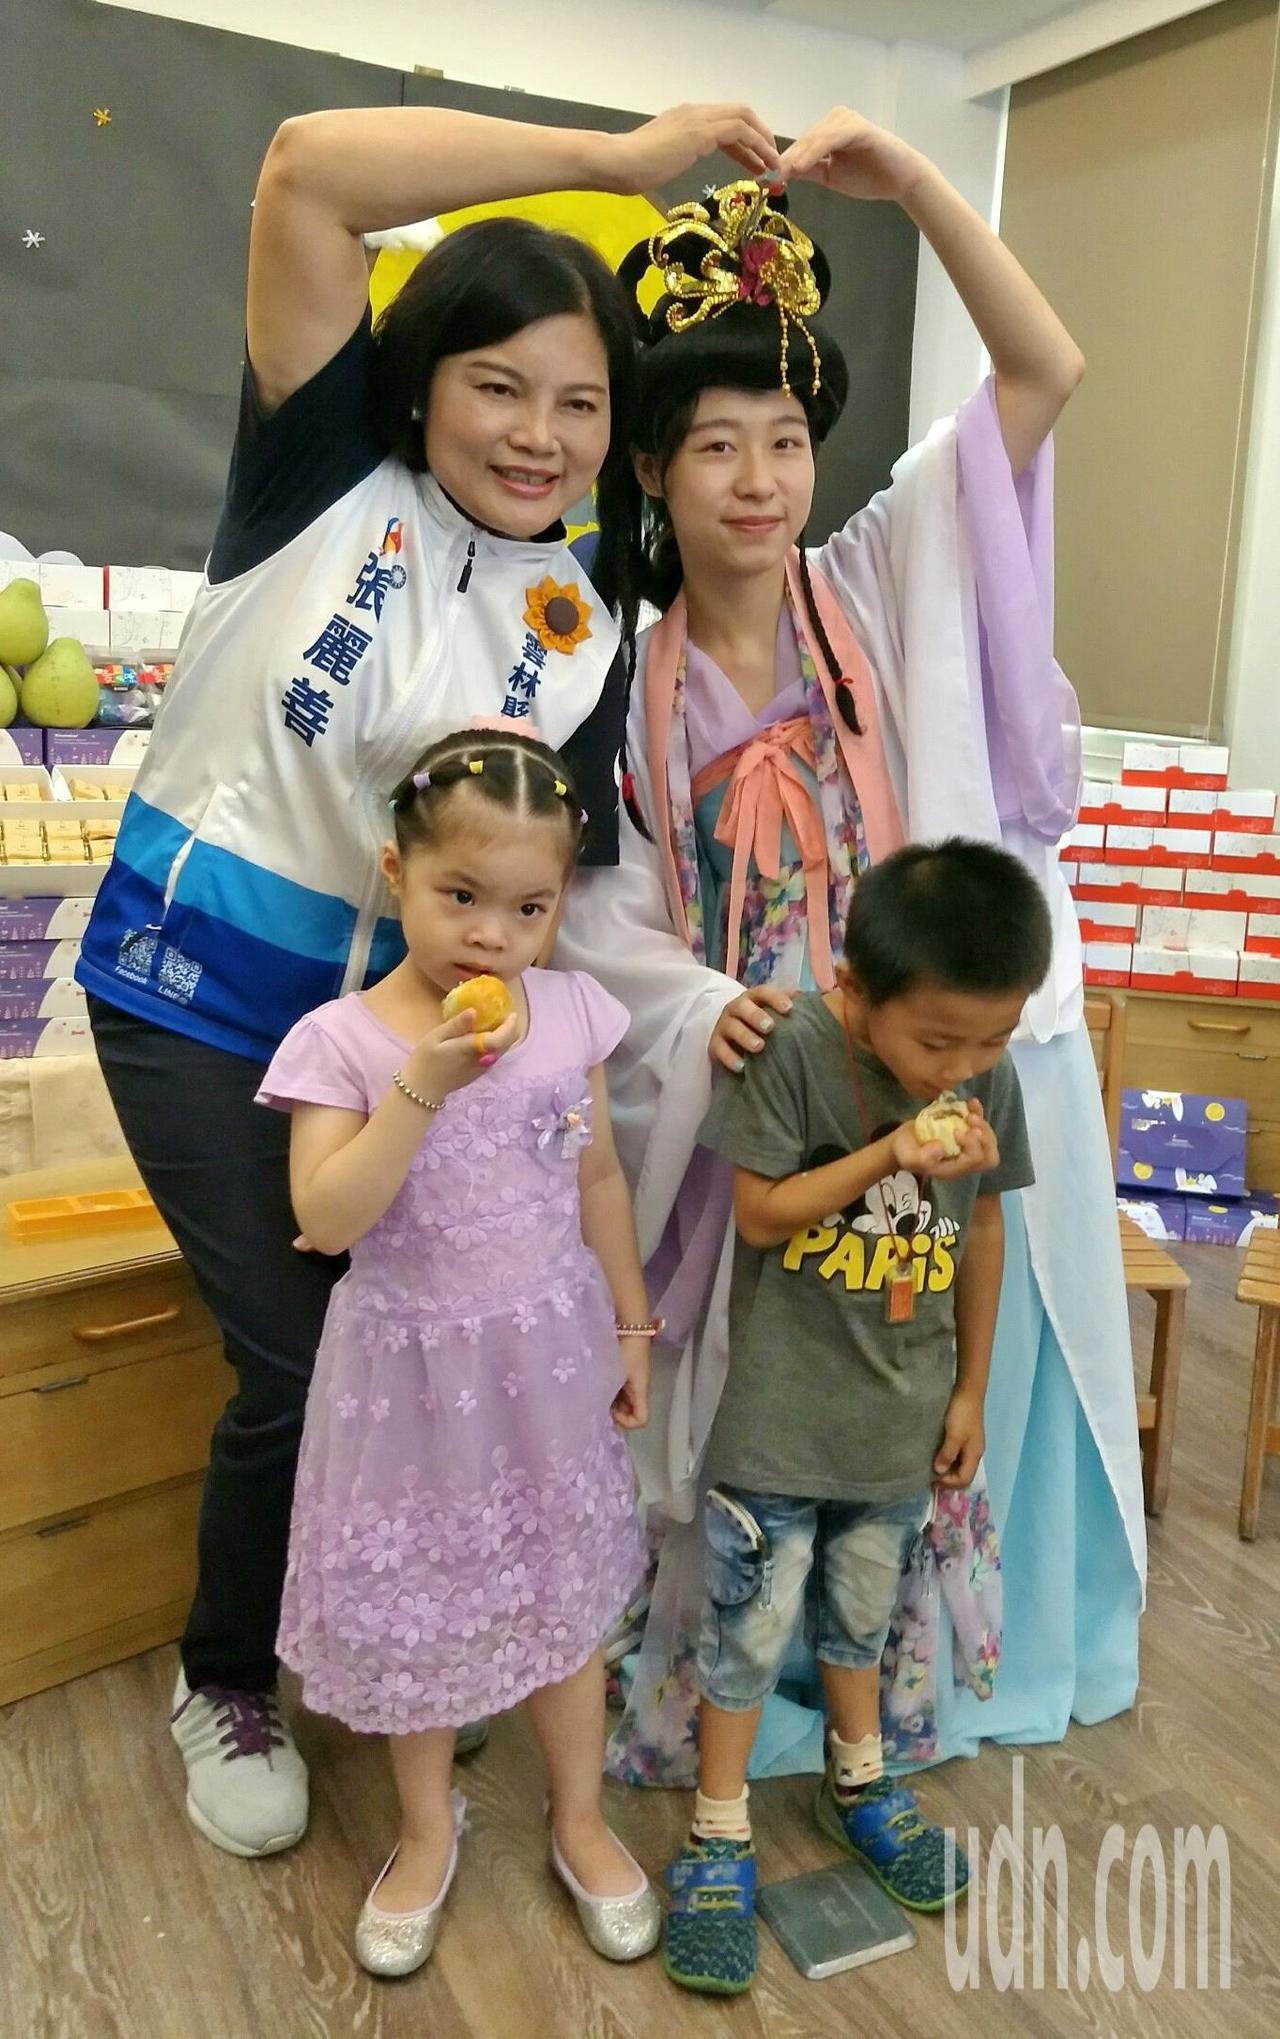 嫦娥陪同送愛心月餅,小朋友吃得超開心。記者蔡維斌/攝影